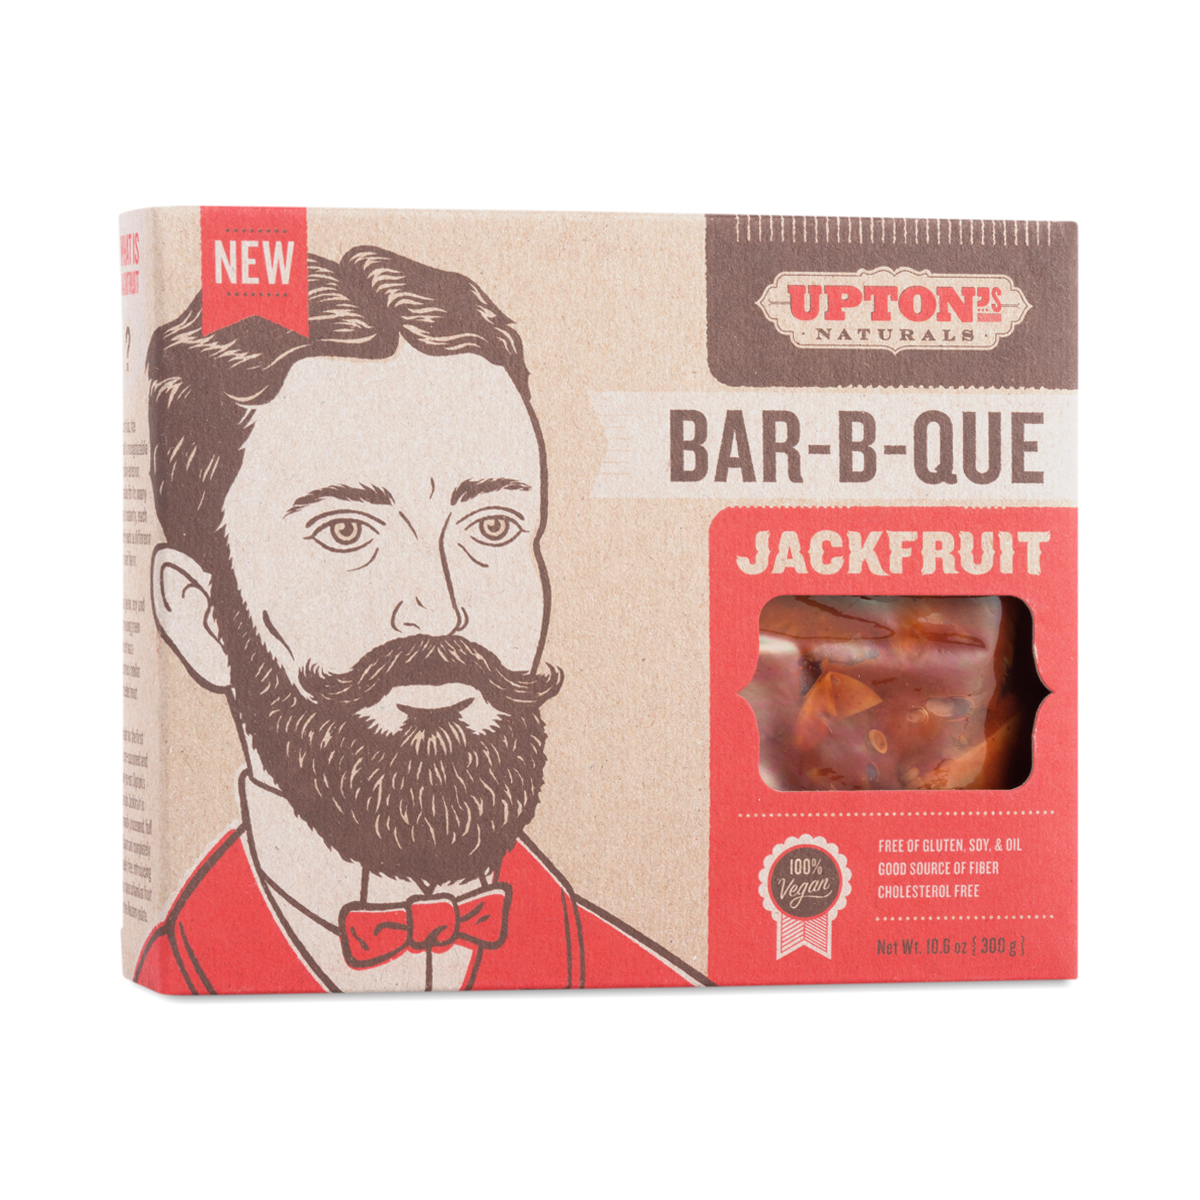 Upton?s Naturals BBQ Jackfruit 10.6 oz